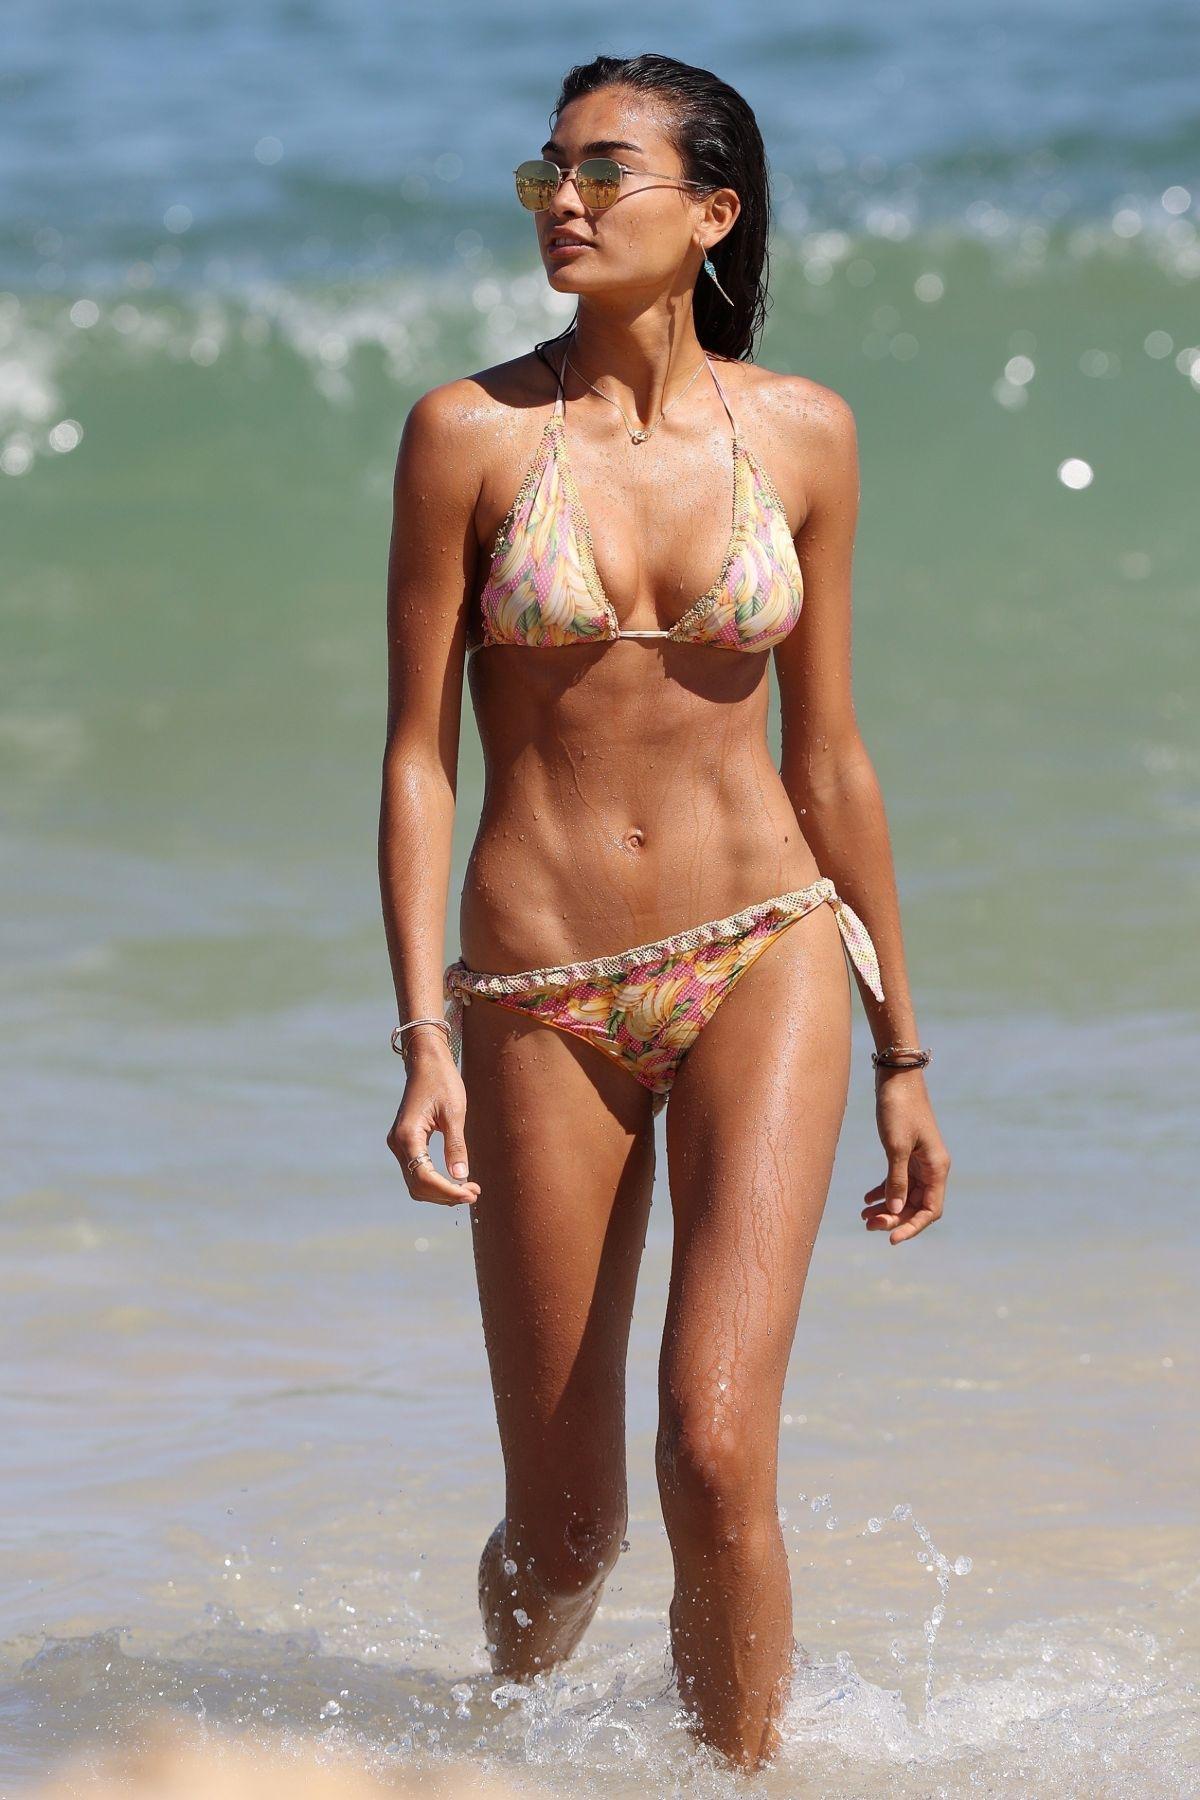 kelly-gale-in-bikini-at-bondi-beach-in-sydney-11-225-2017-42.jpg